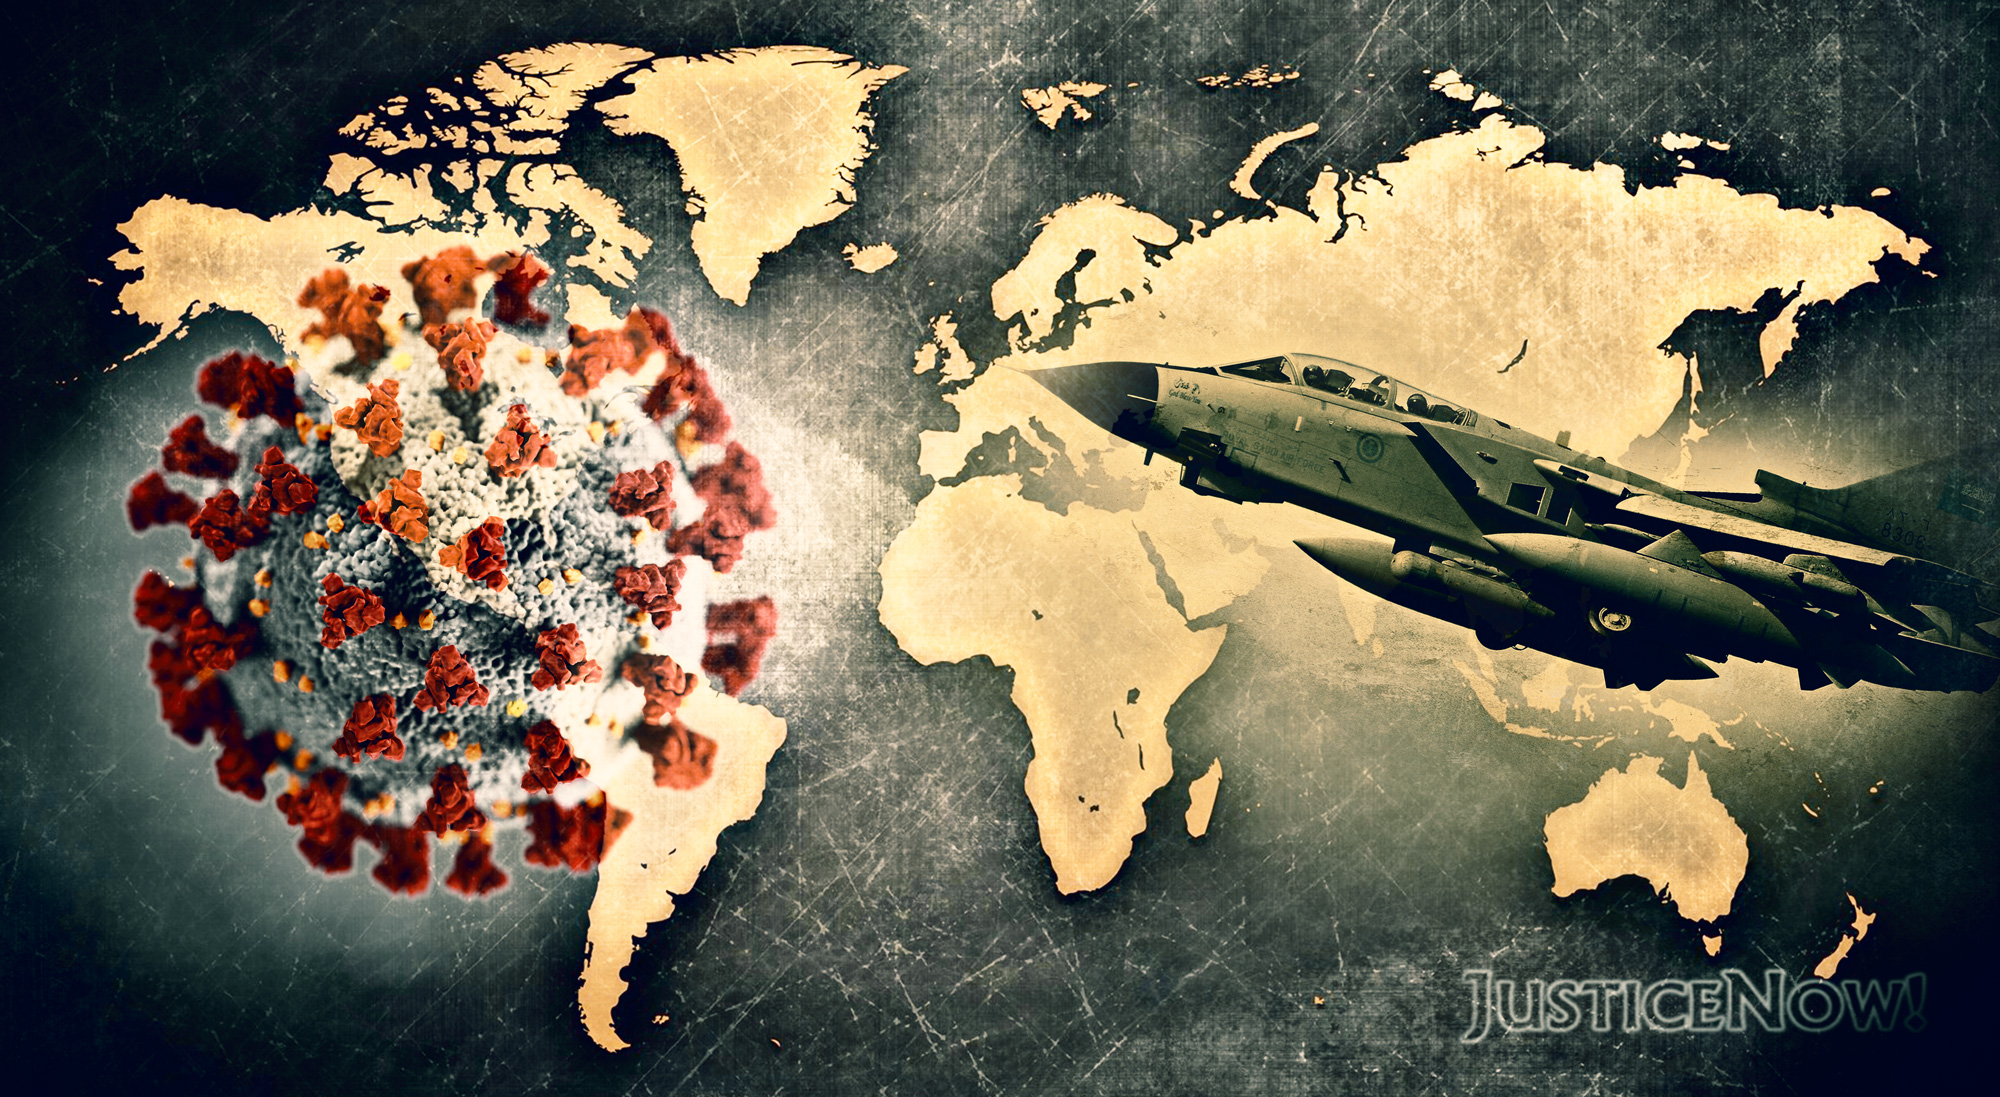 Gesundheit schützen! Militär abrüsten und Klimawandel stoppen! <br>  <span id='sec-title'>Virtueller Ostermarsch 2020</span>